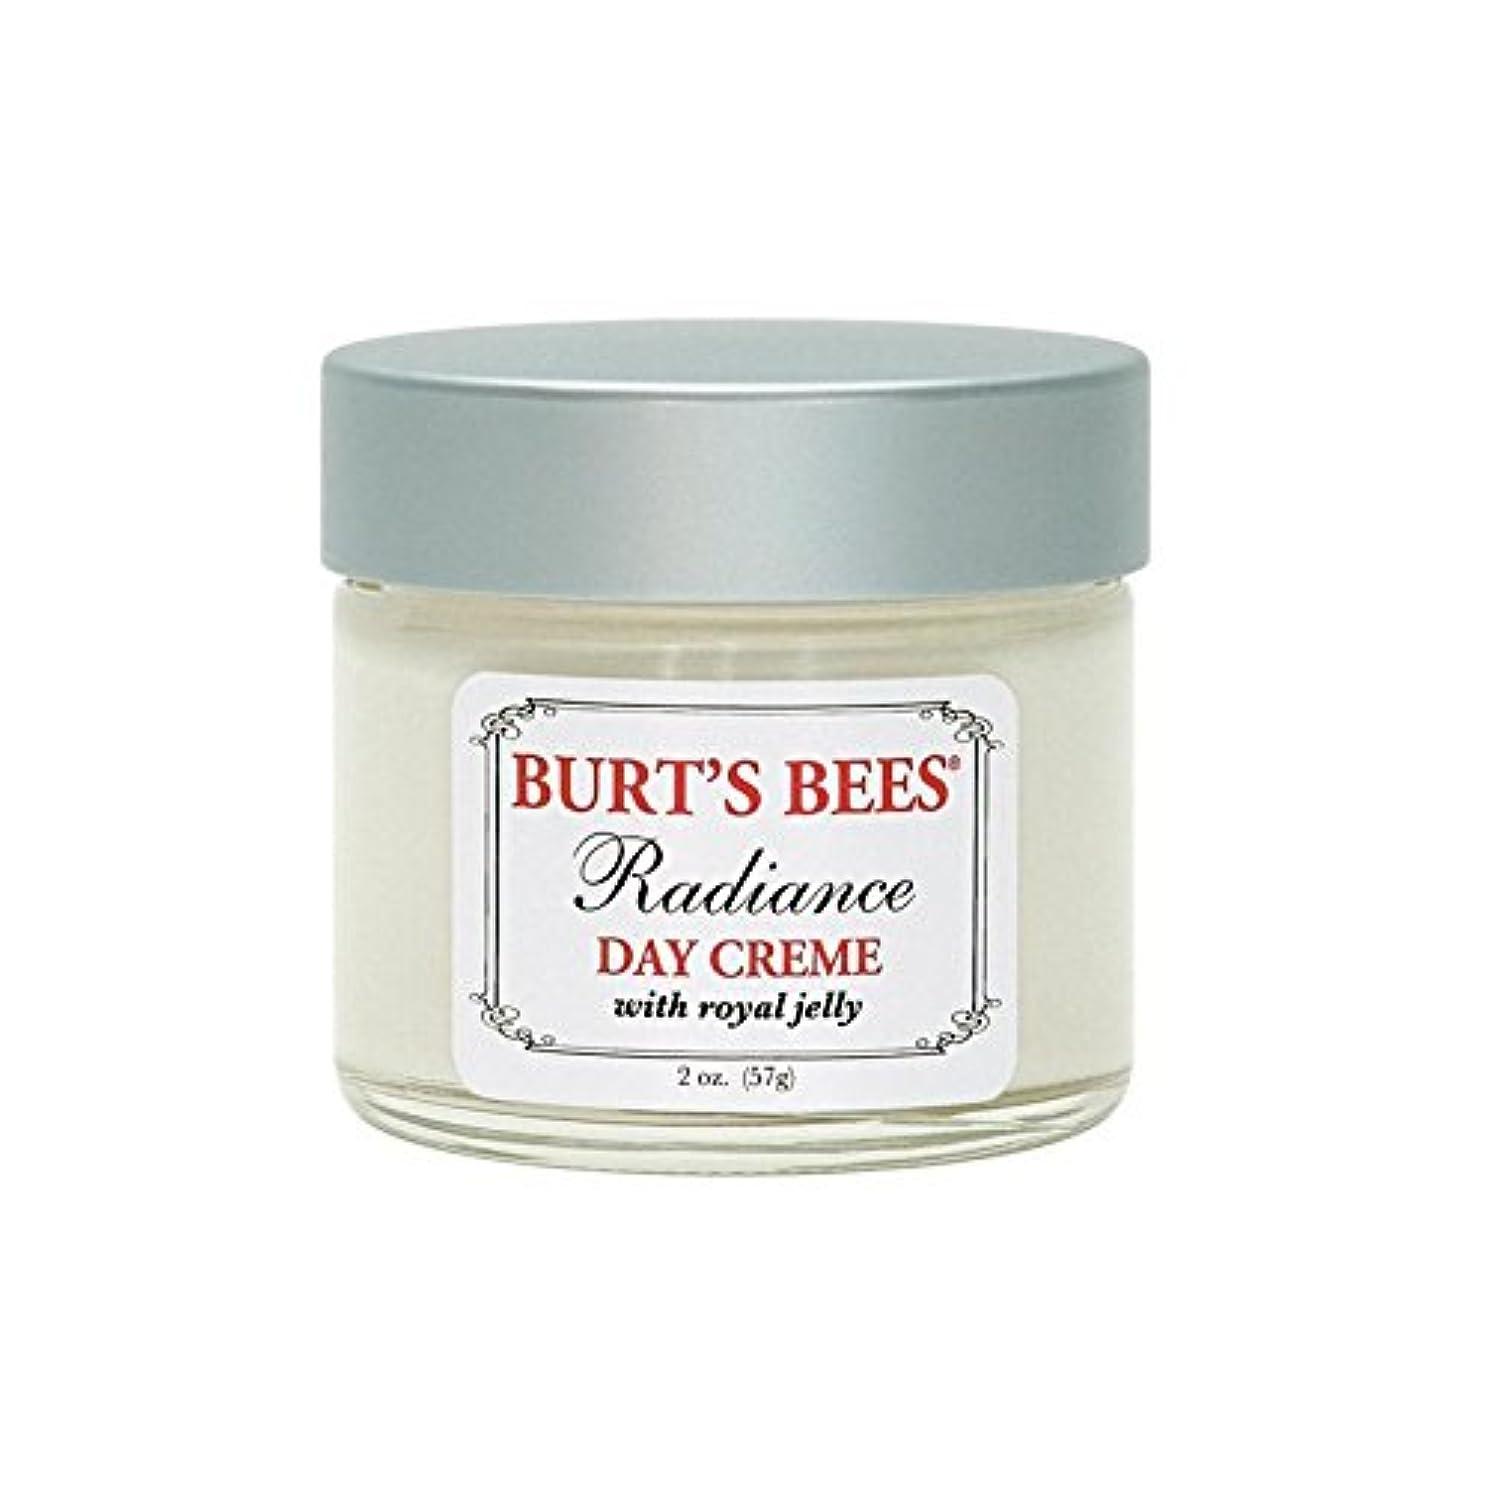 とげ磁石生息地Burt's Bees Radiance Day Creme (57G) (Pack of 6) - バーツビー放射輝度デイクリーム(57グラム) x6 [並行輸入品]